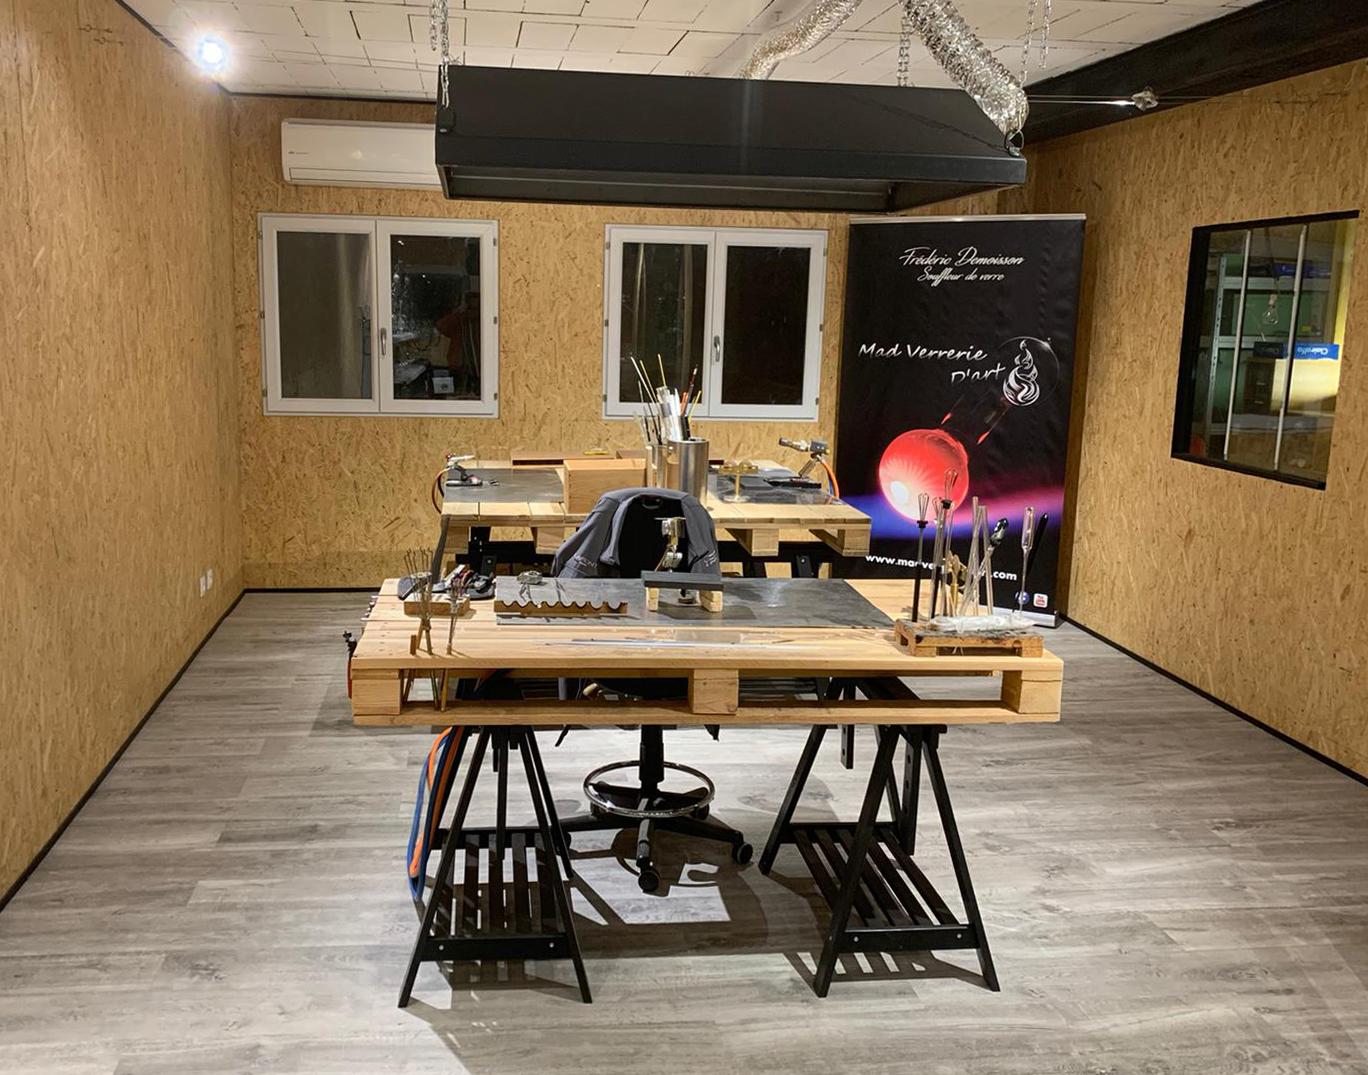 Atelier Mad Verrerie D'Art